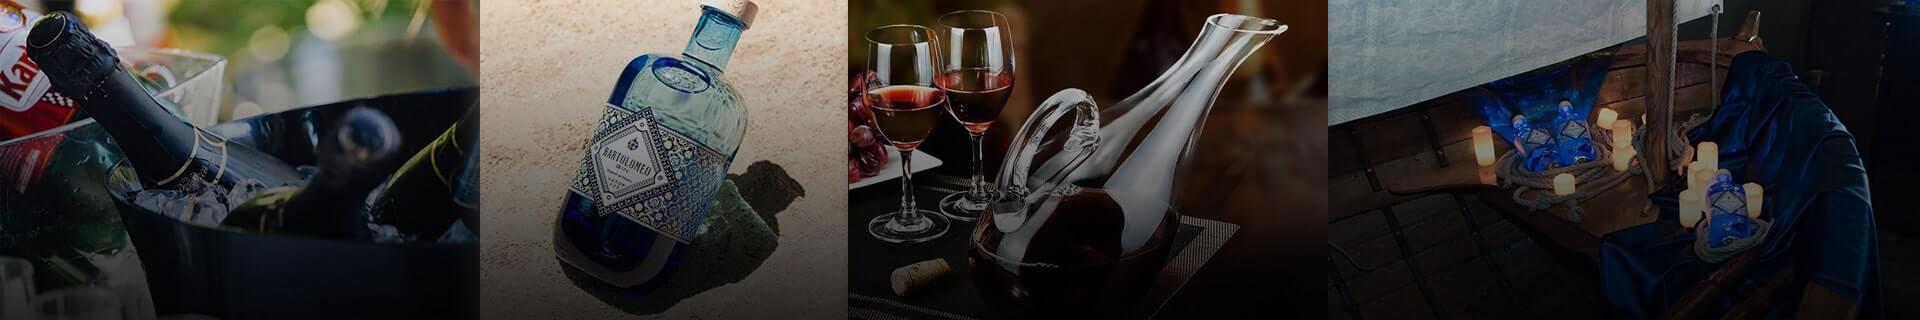 vin-caviste-degusation-de-vin-arles